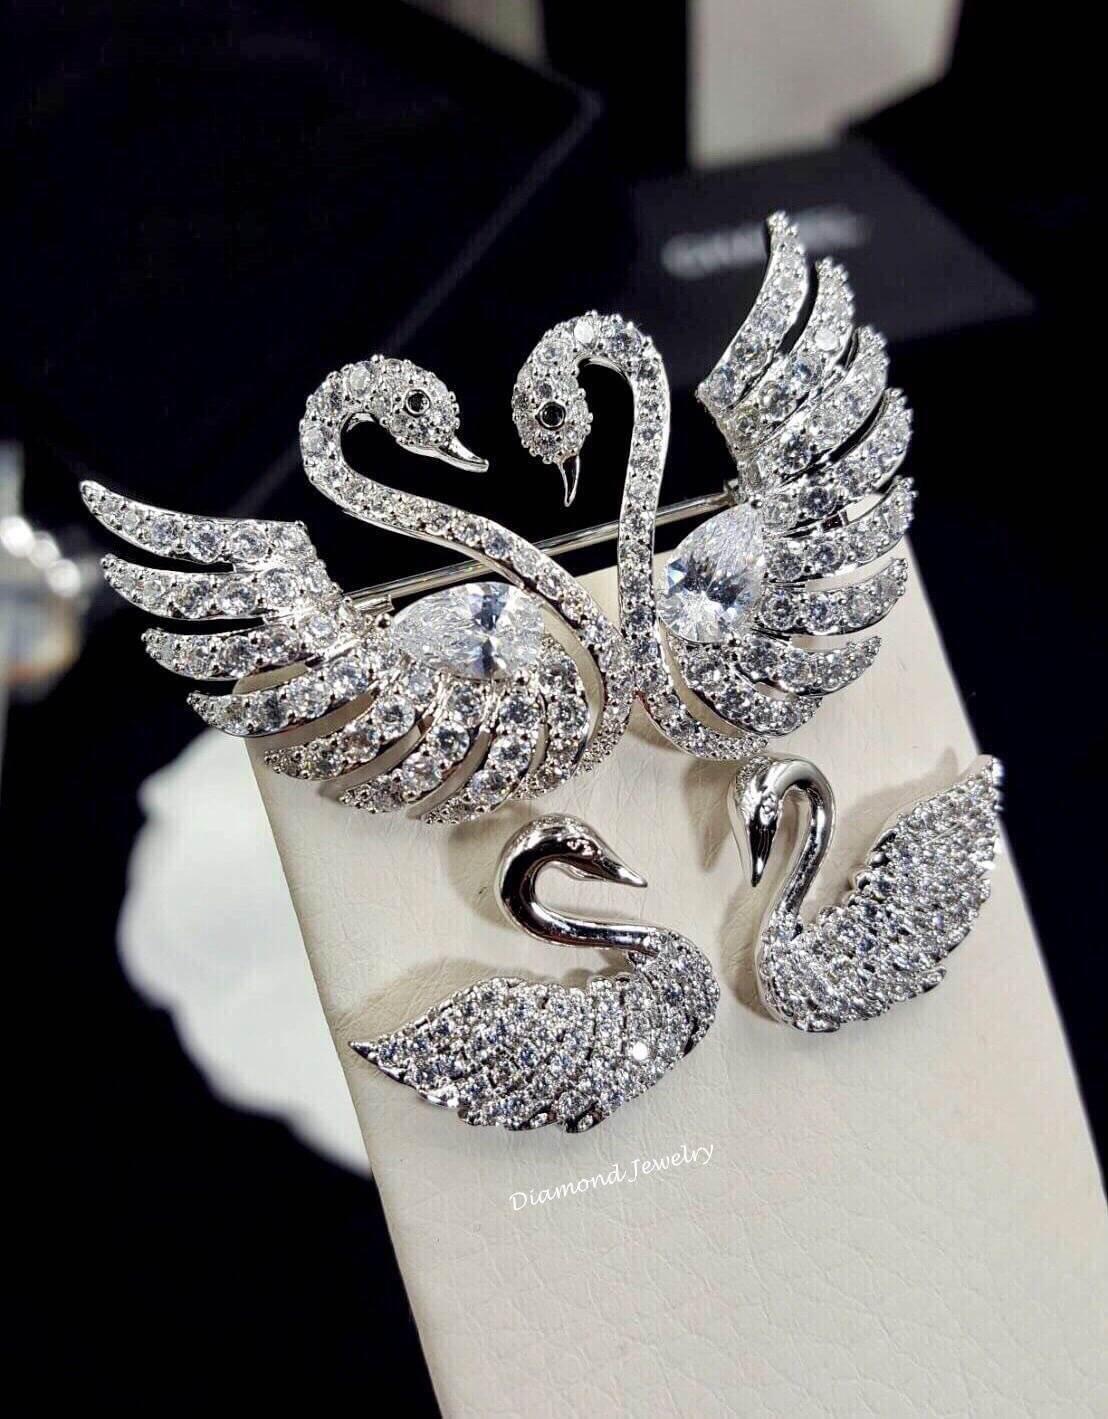 พร้อมส่ง Diamond Brooch & Earring เข็มกลัดเพชรและต่างหู